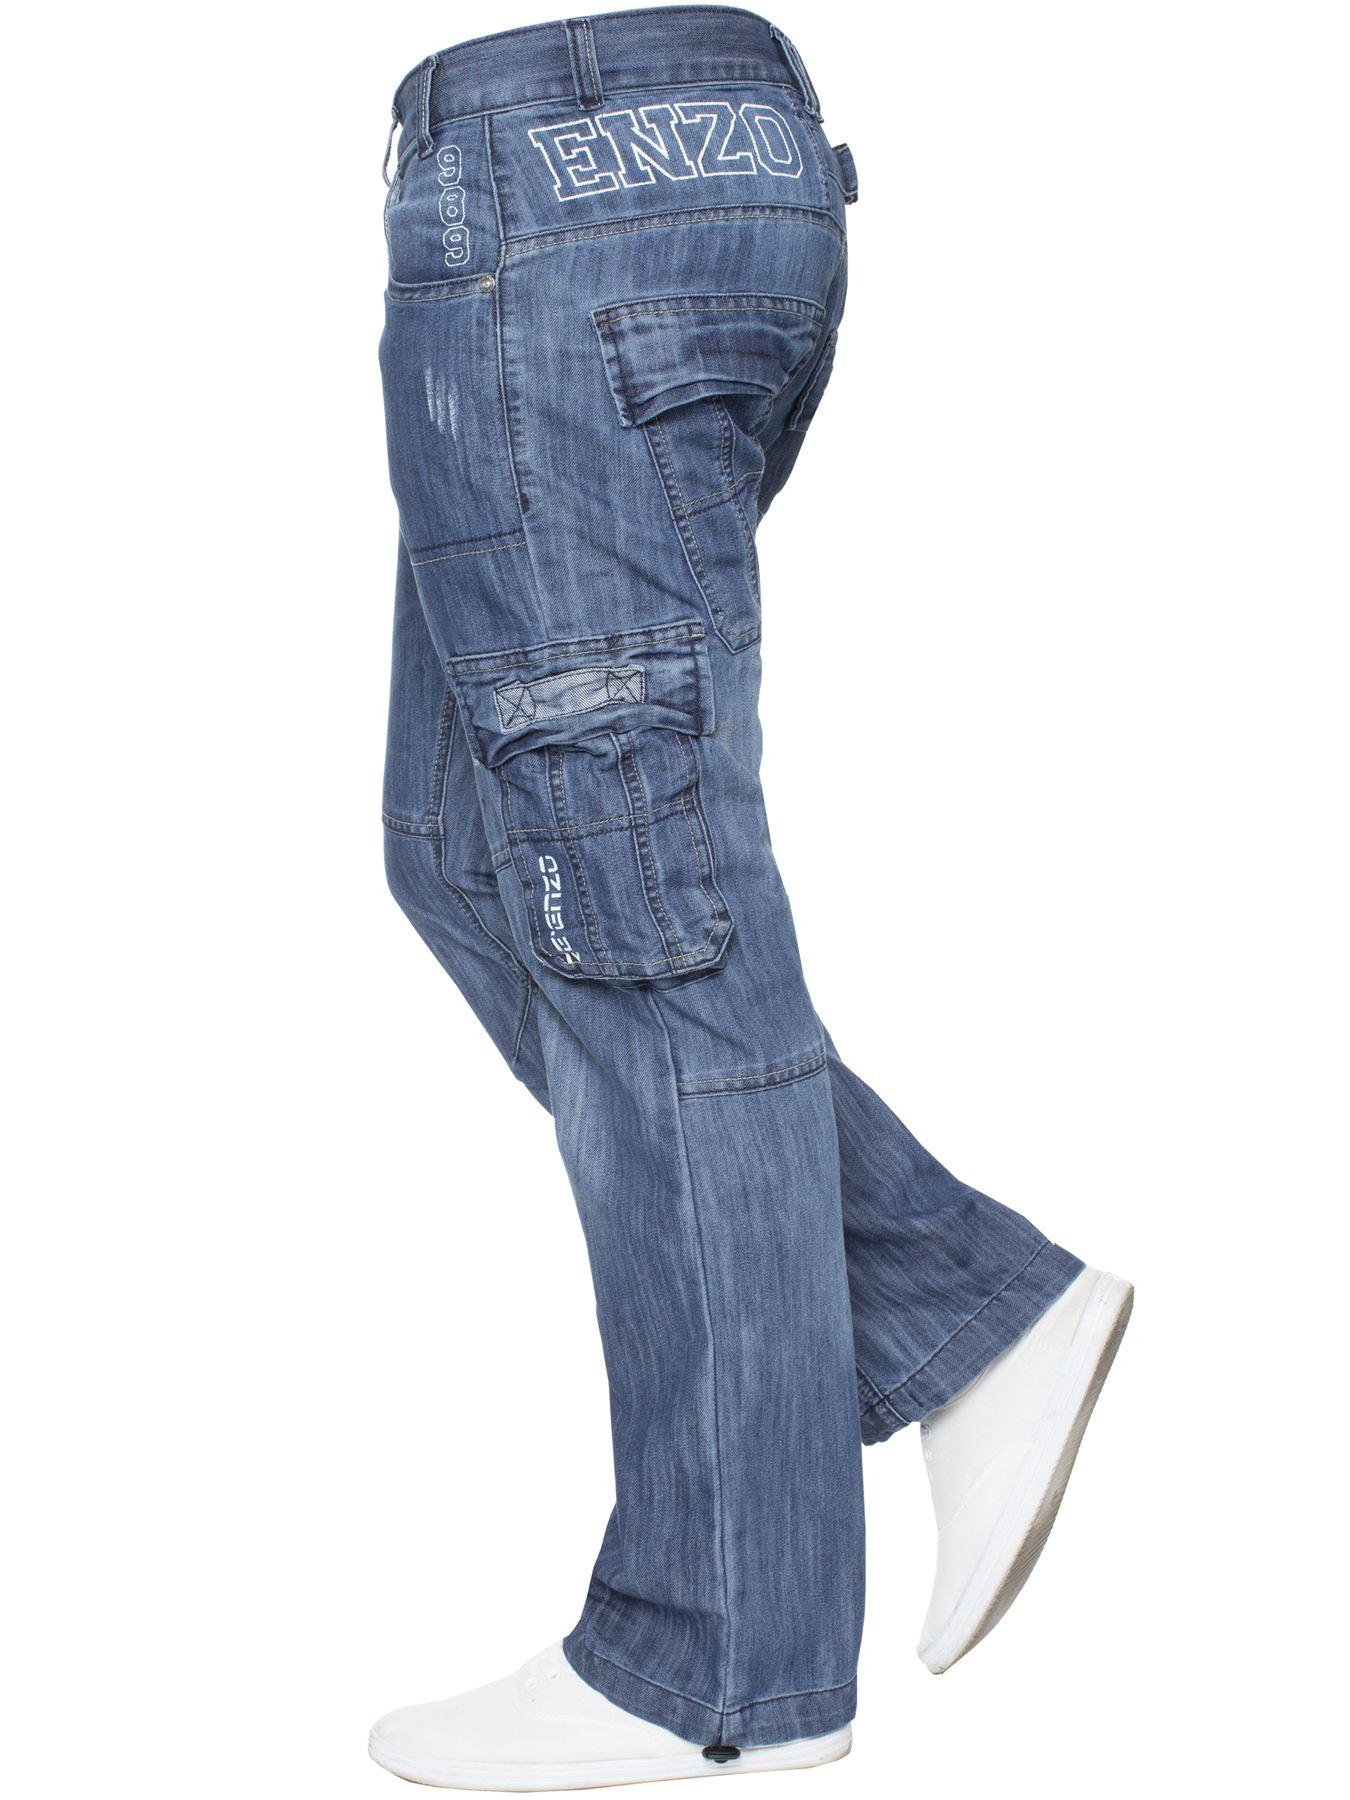 Jeans-Para-Hombre-de-carga-de-combate-pesado-Pantalones-de-trabajo-pantalones-de-mezclilla-Big-King miniatura 13